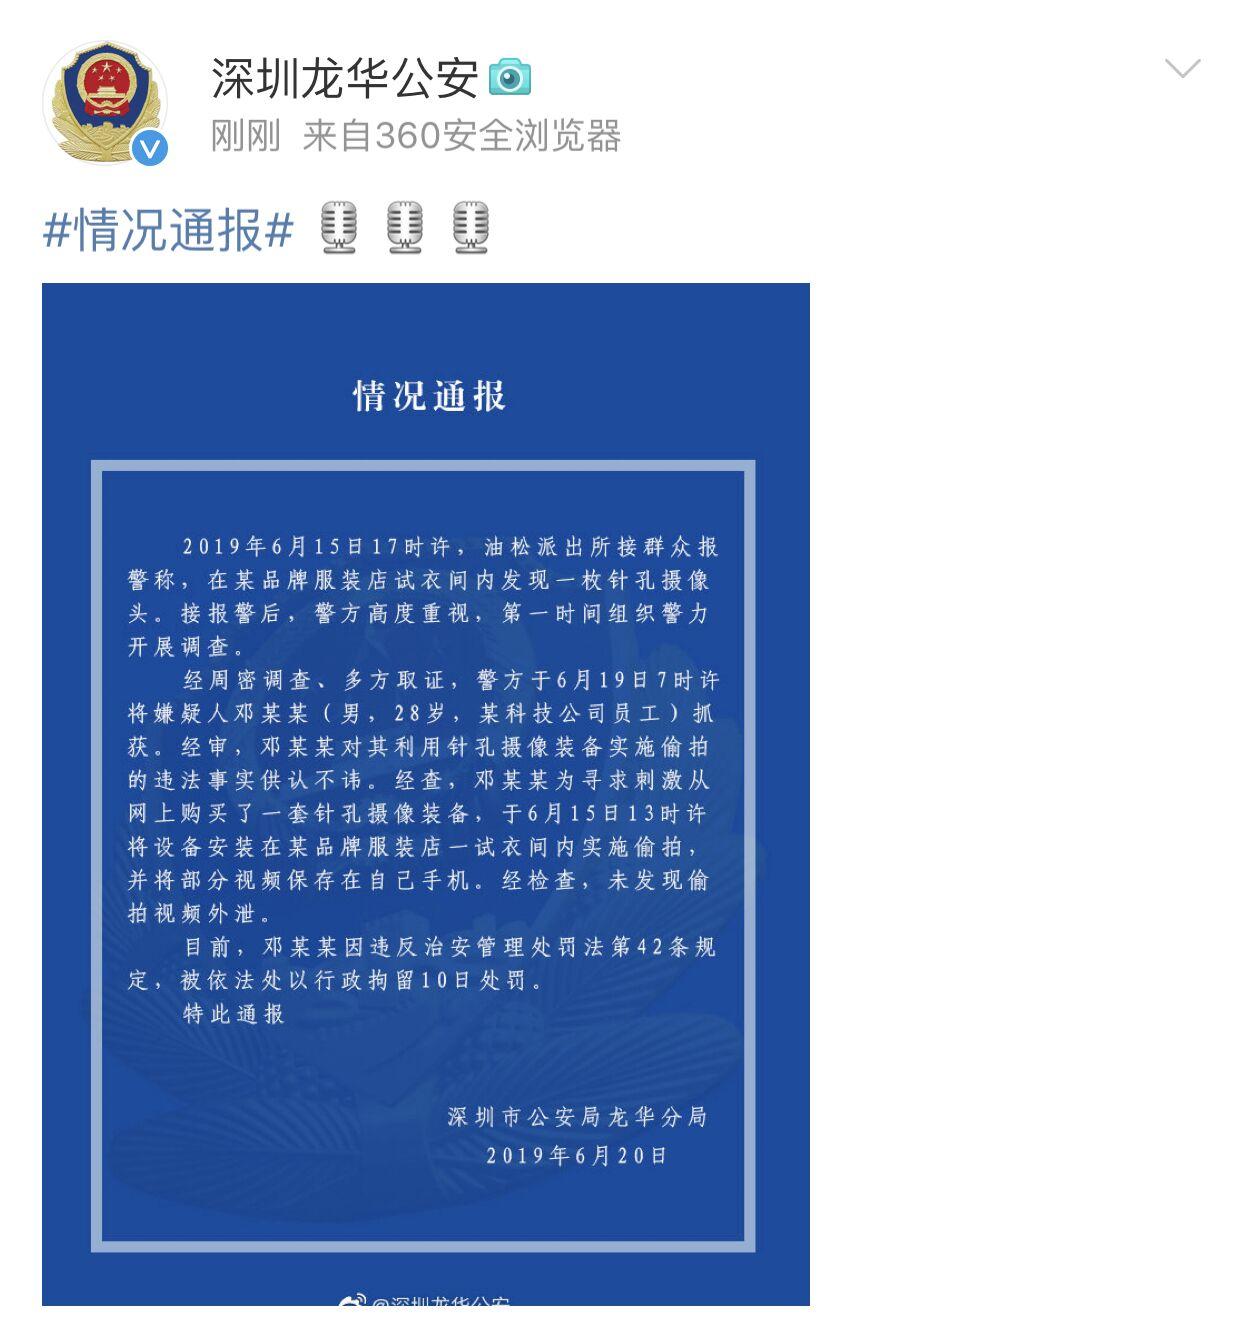 深圳警方通报优衣库偷拍案:嫌犯拘留十天,未发现视频外泄